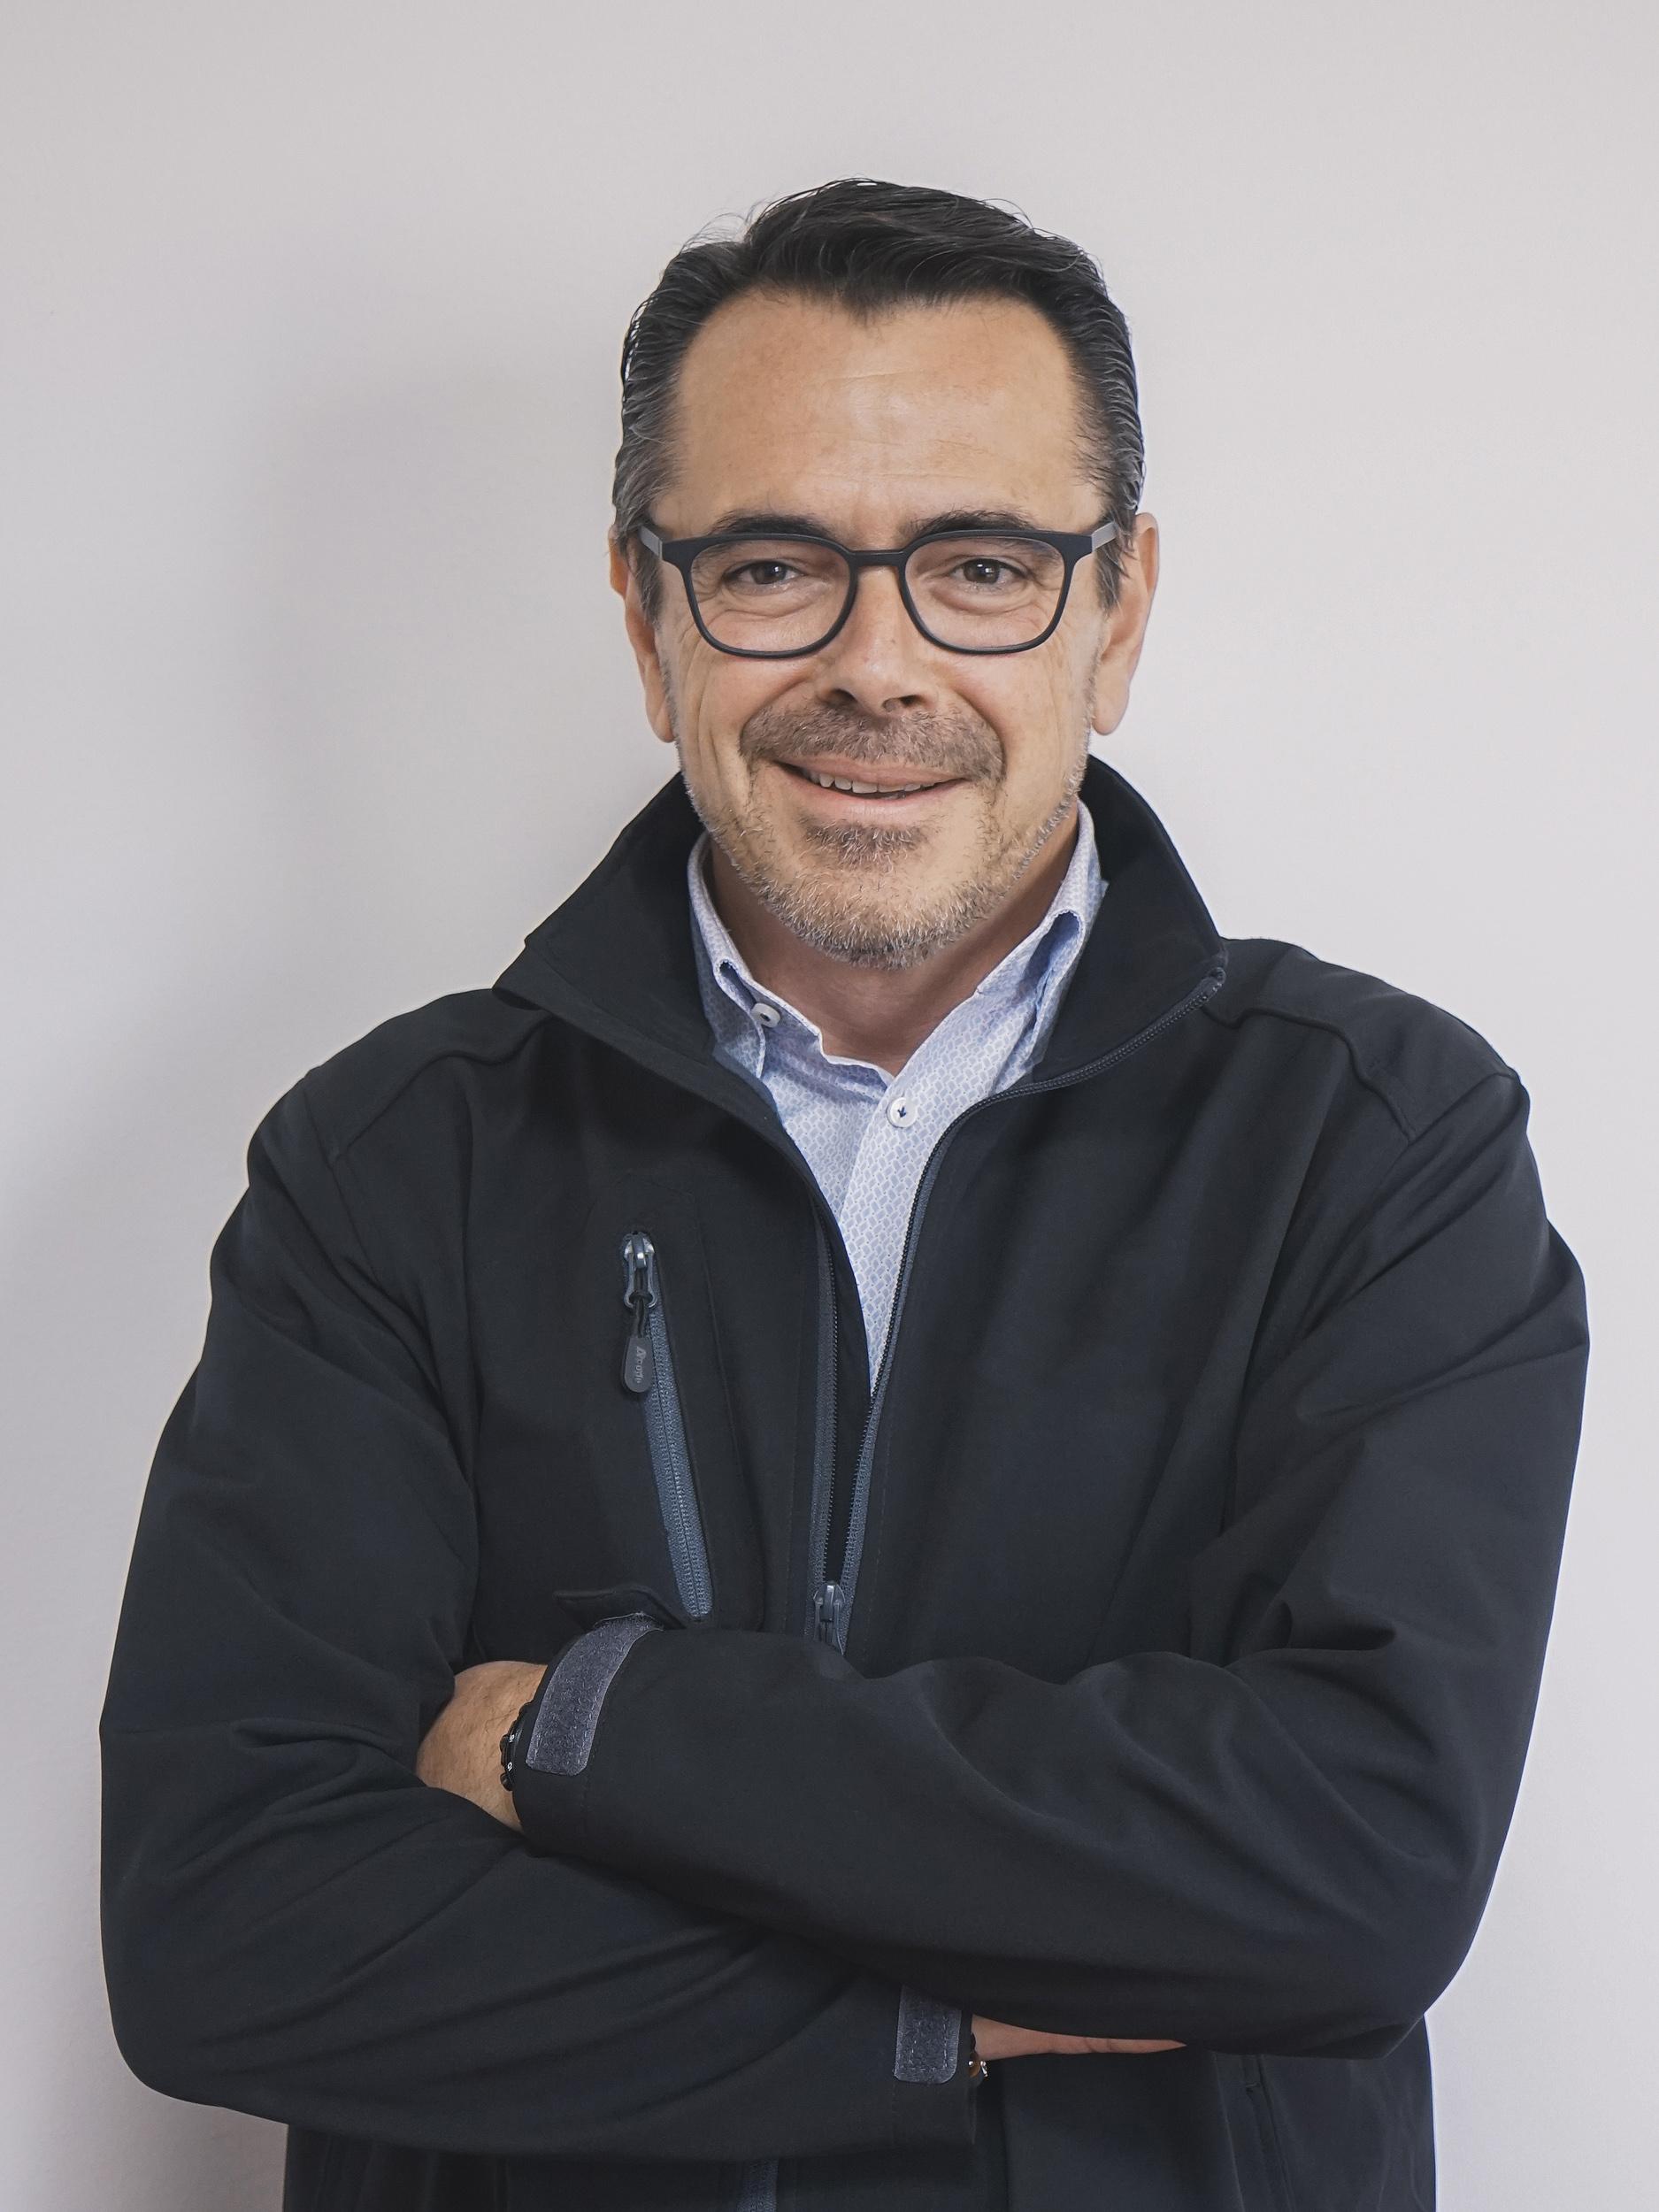 Marc Preisig